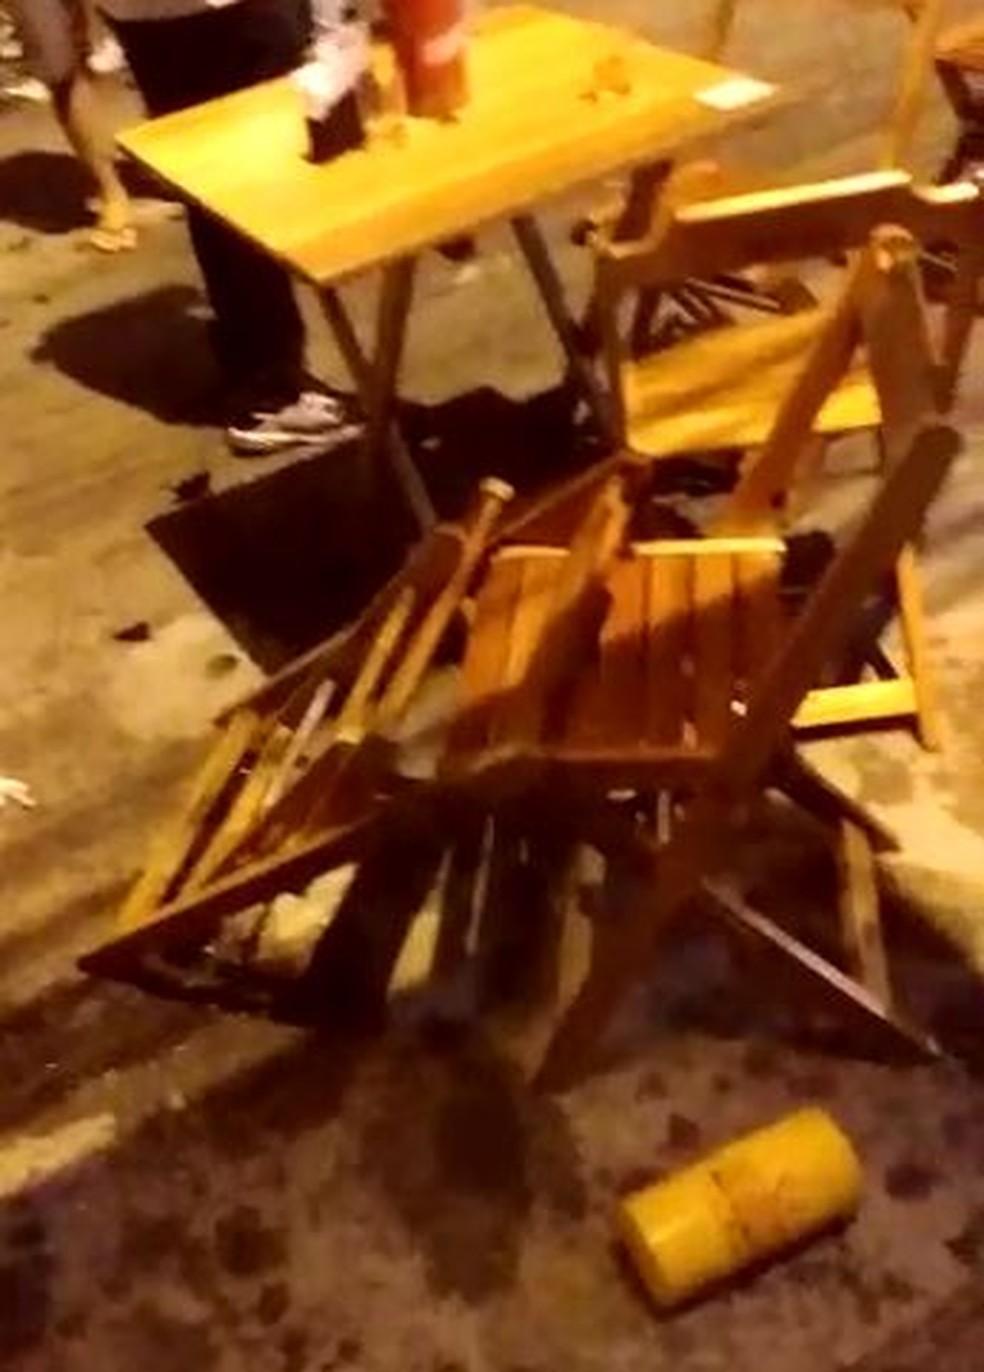 Tumulto deixou cadeiras quebradas e objetos no chão, no Recife — Foto: Reprodução/TV Globo